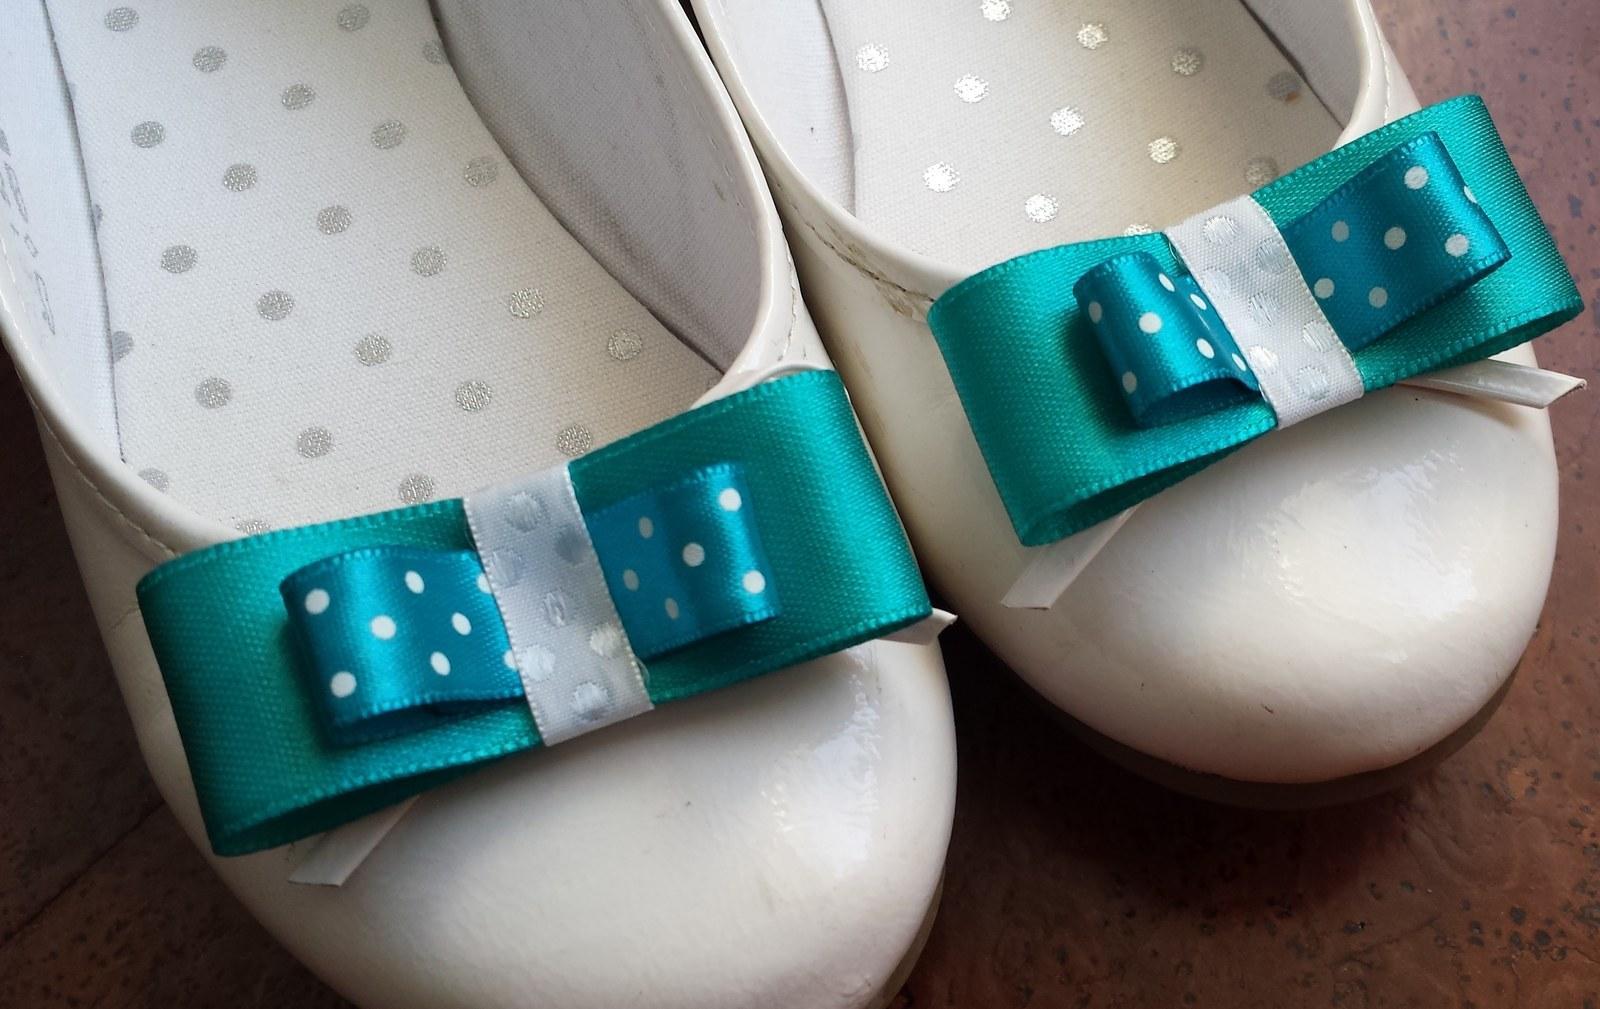 Klipy na boty pro nevěstu s tyrkysovou mašličkou - Obrázek č. 1